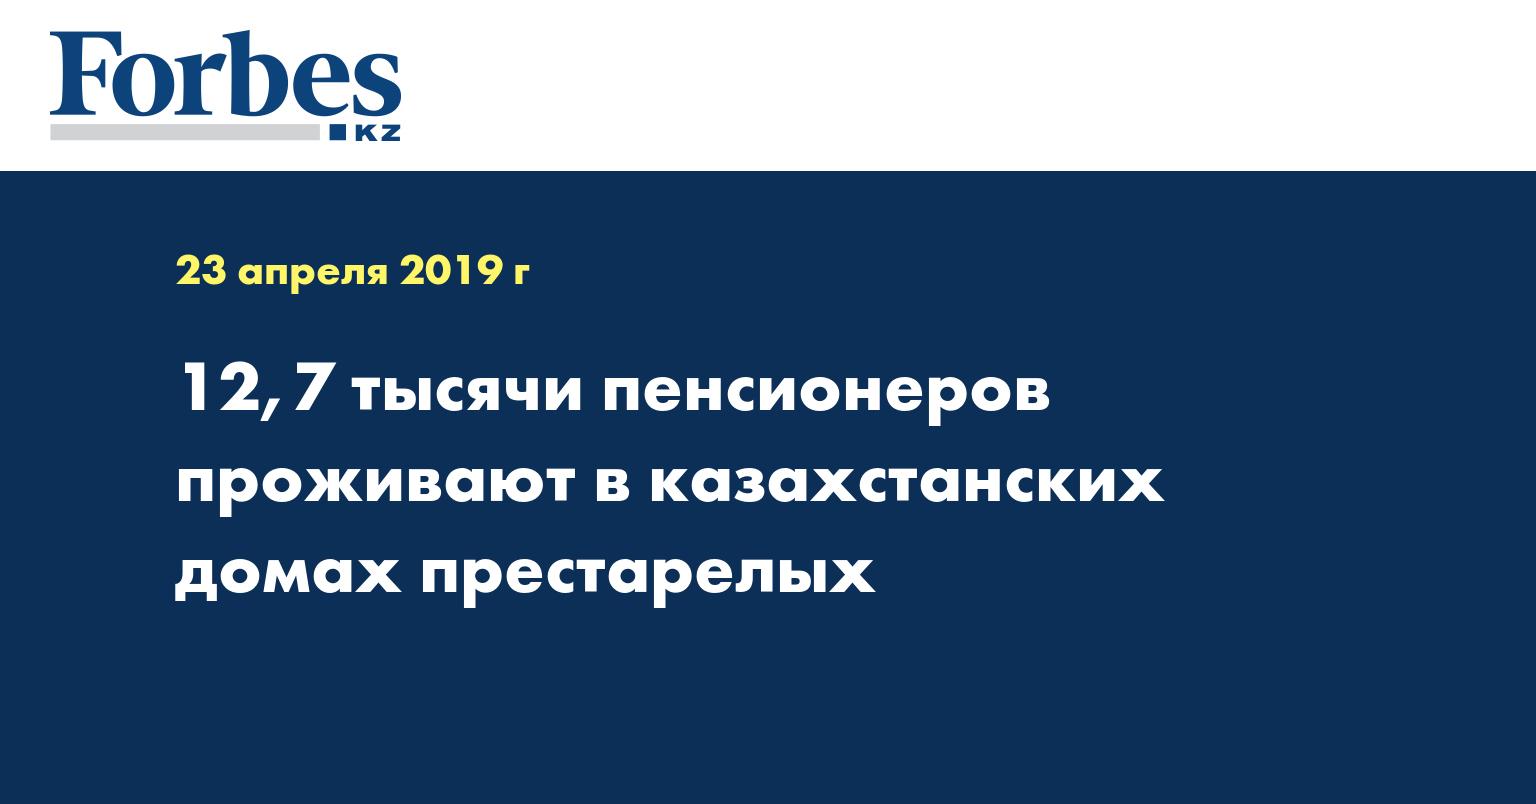 12,7 тысячи пенсионеров проживают в казахстанских домах престарелых